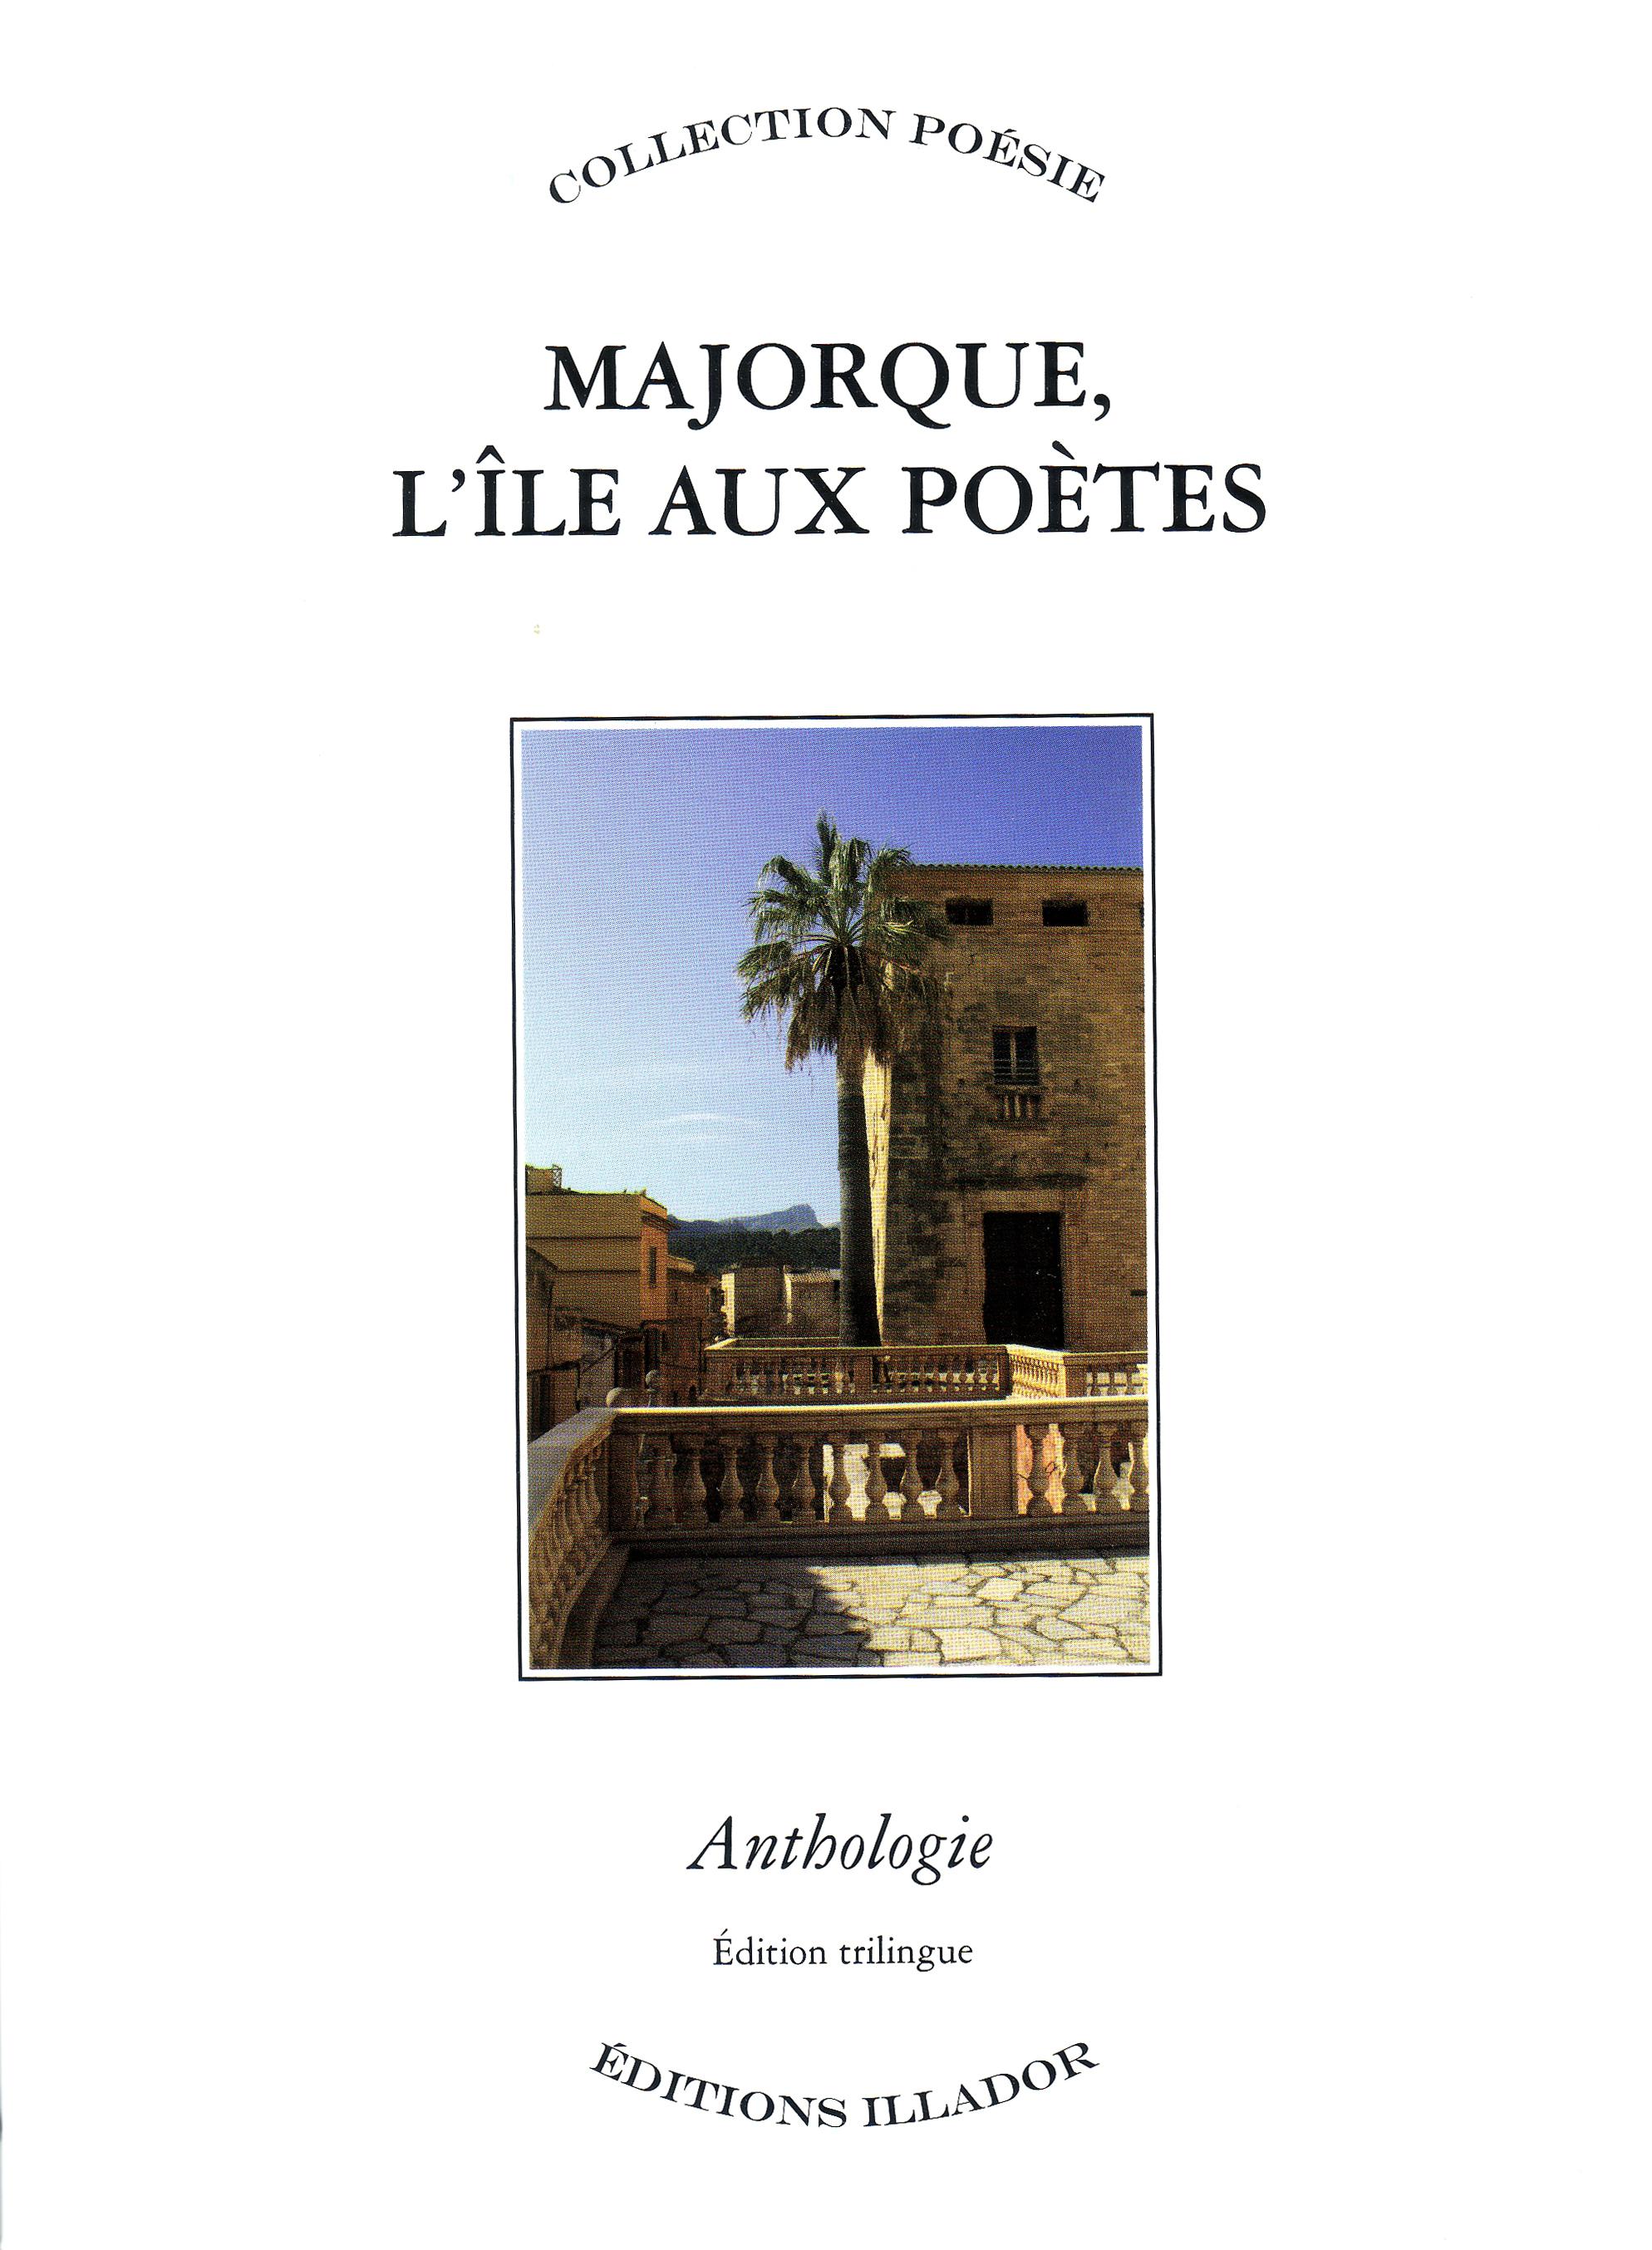 MAJORQUE, L'ILE AUX POETES : ANTHOLOGIE DE LA POESIE MAJORQUINE